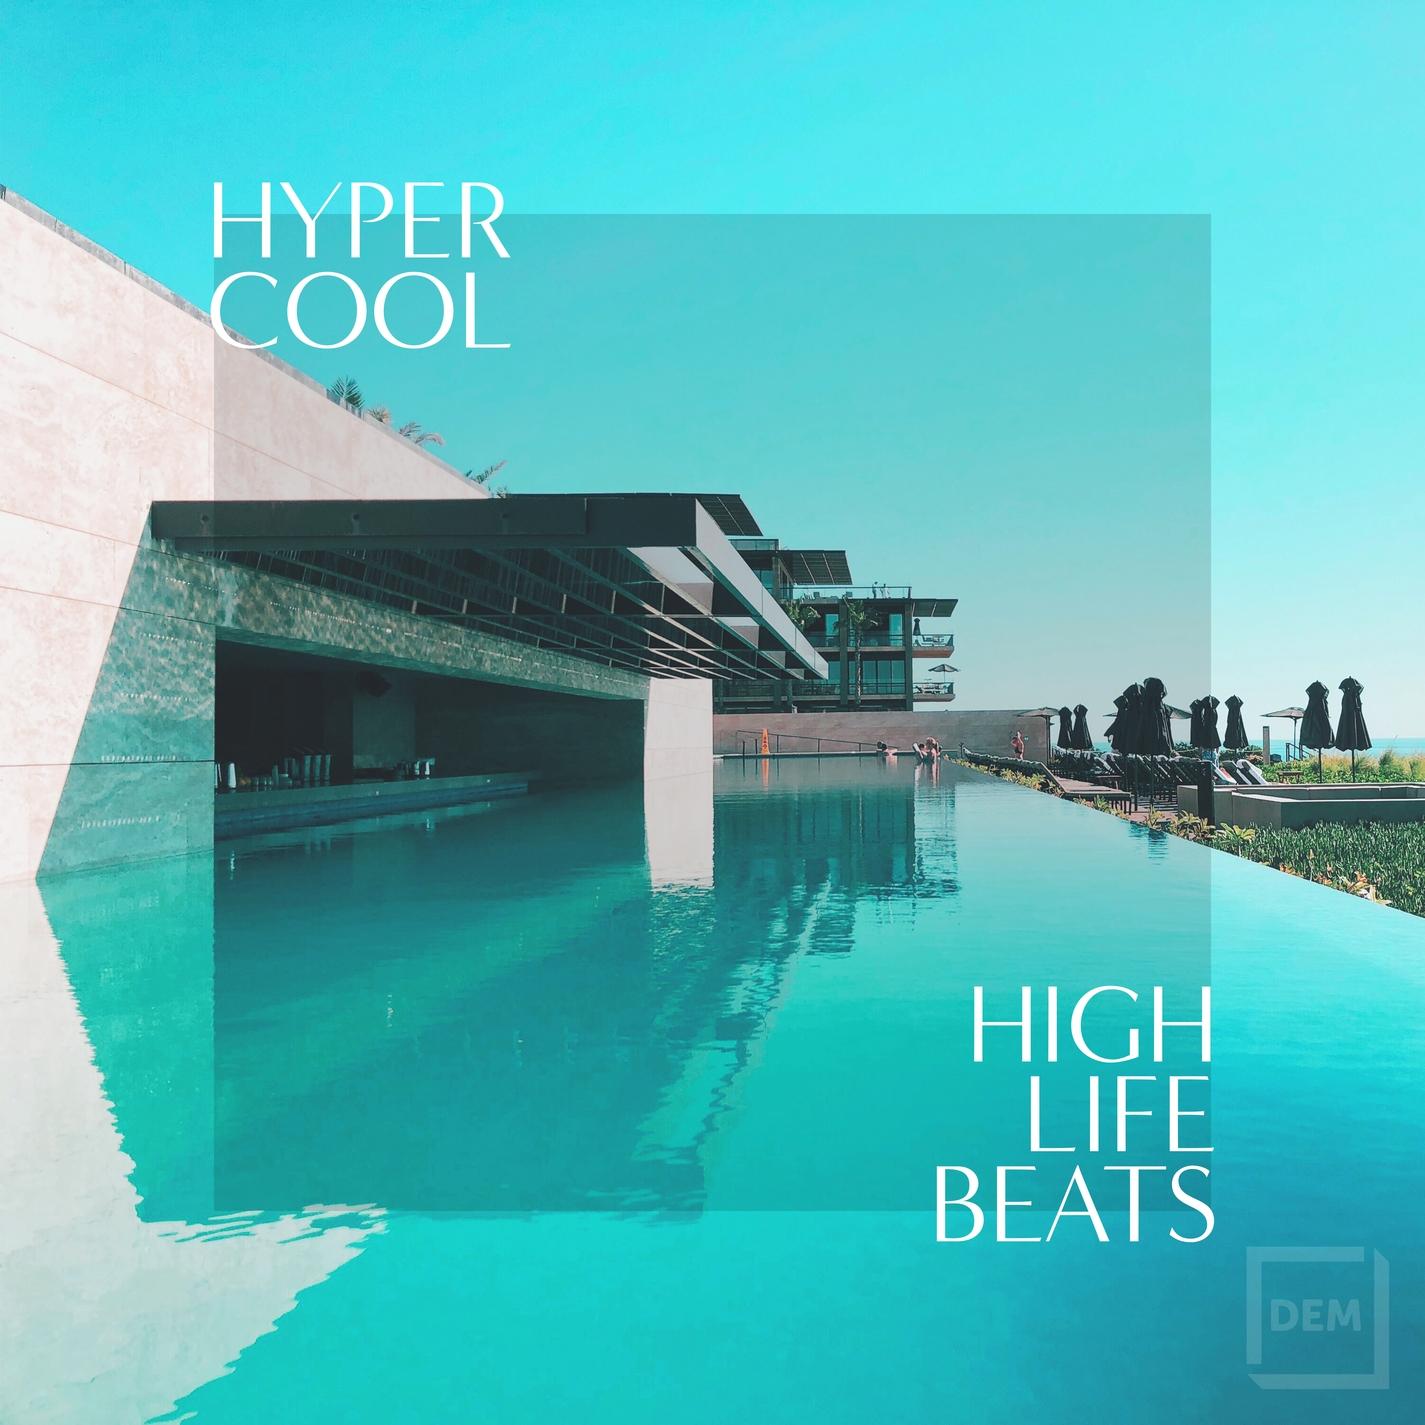 Hyper Cool High Life Beats 2